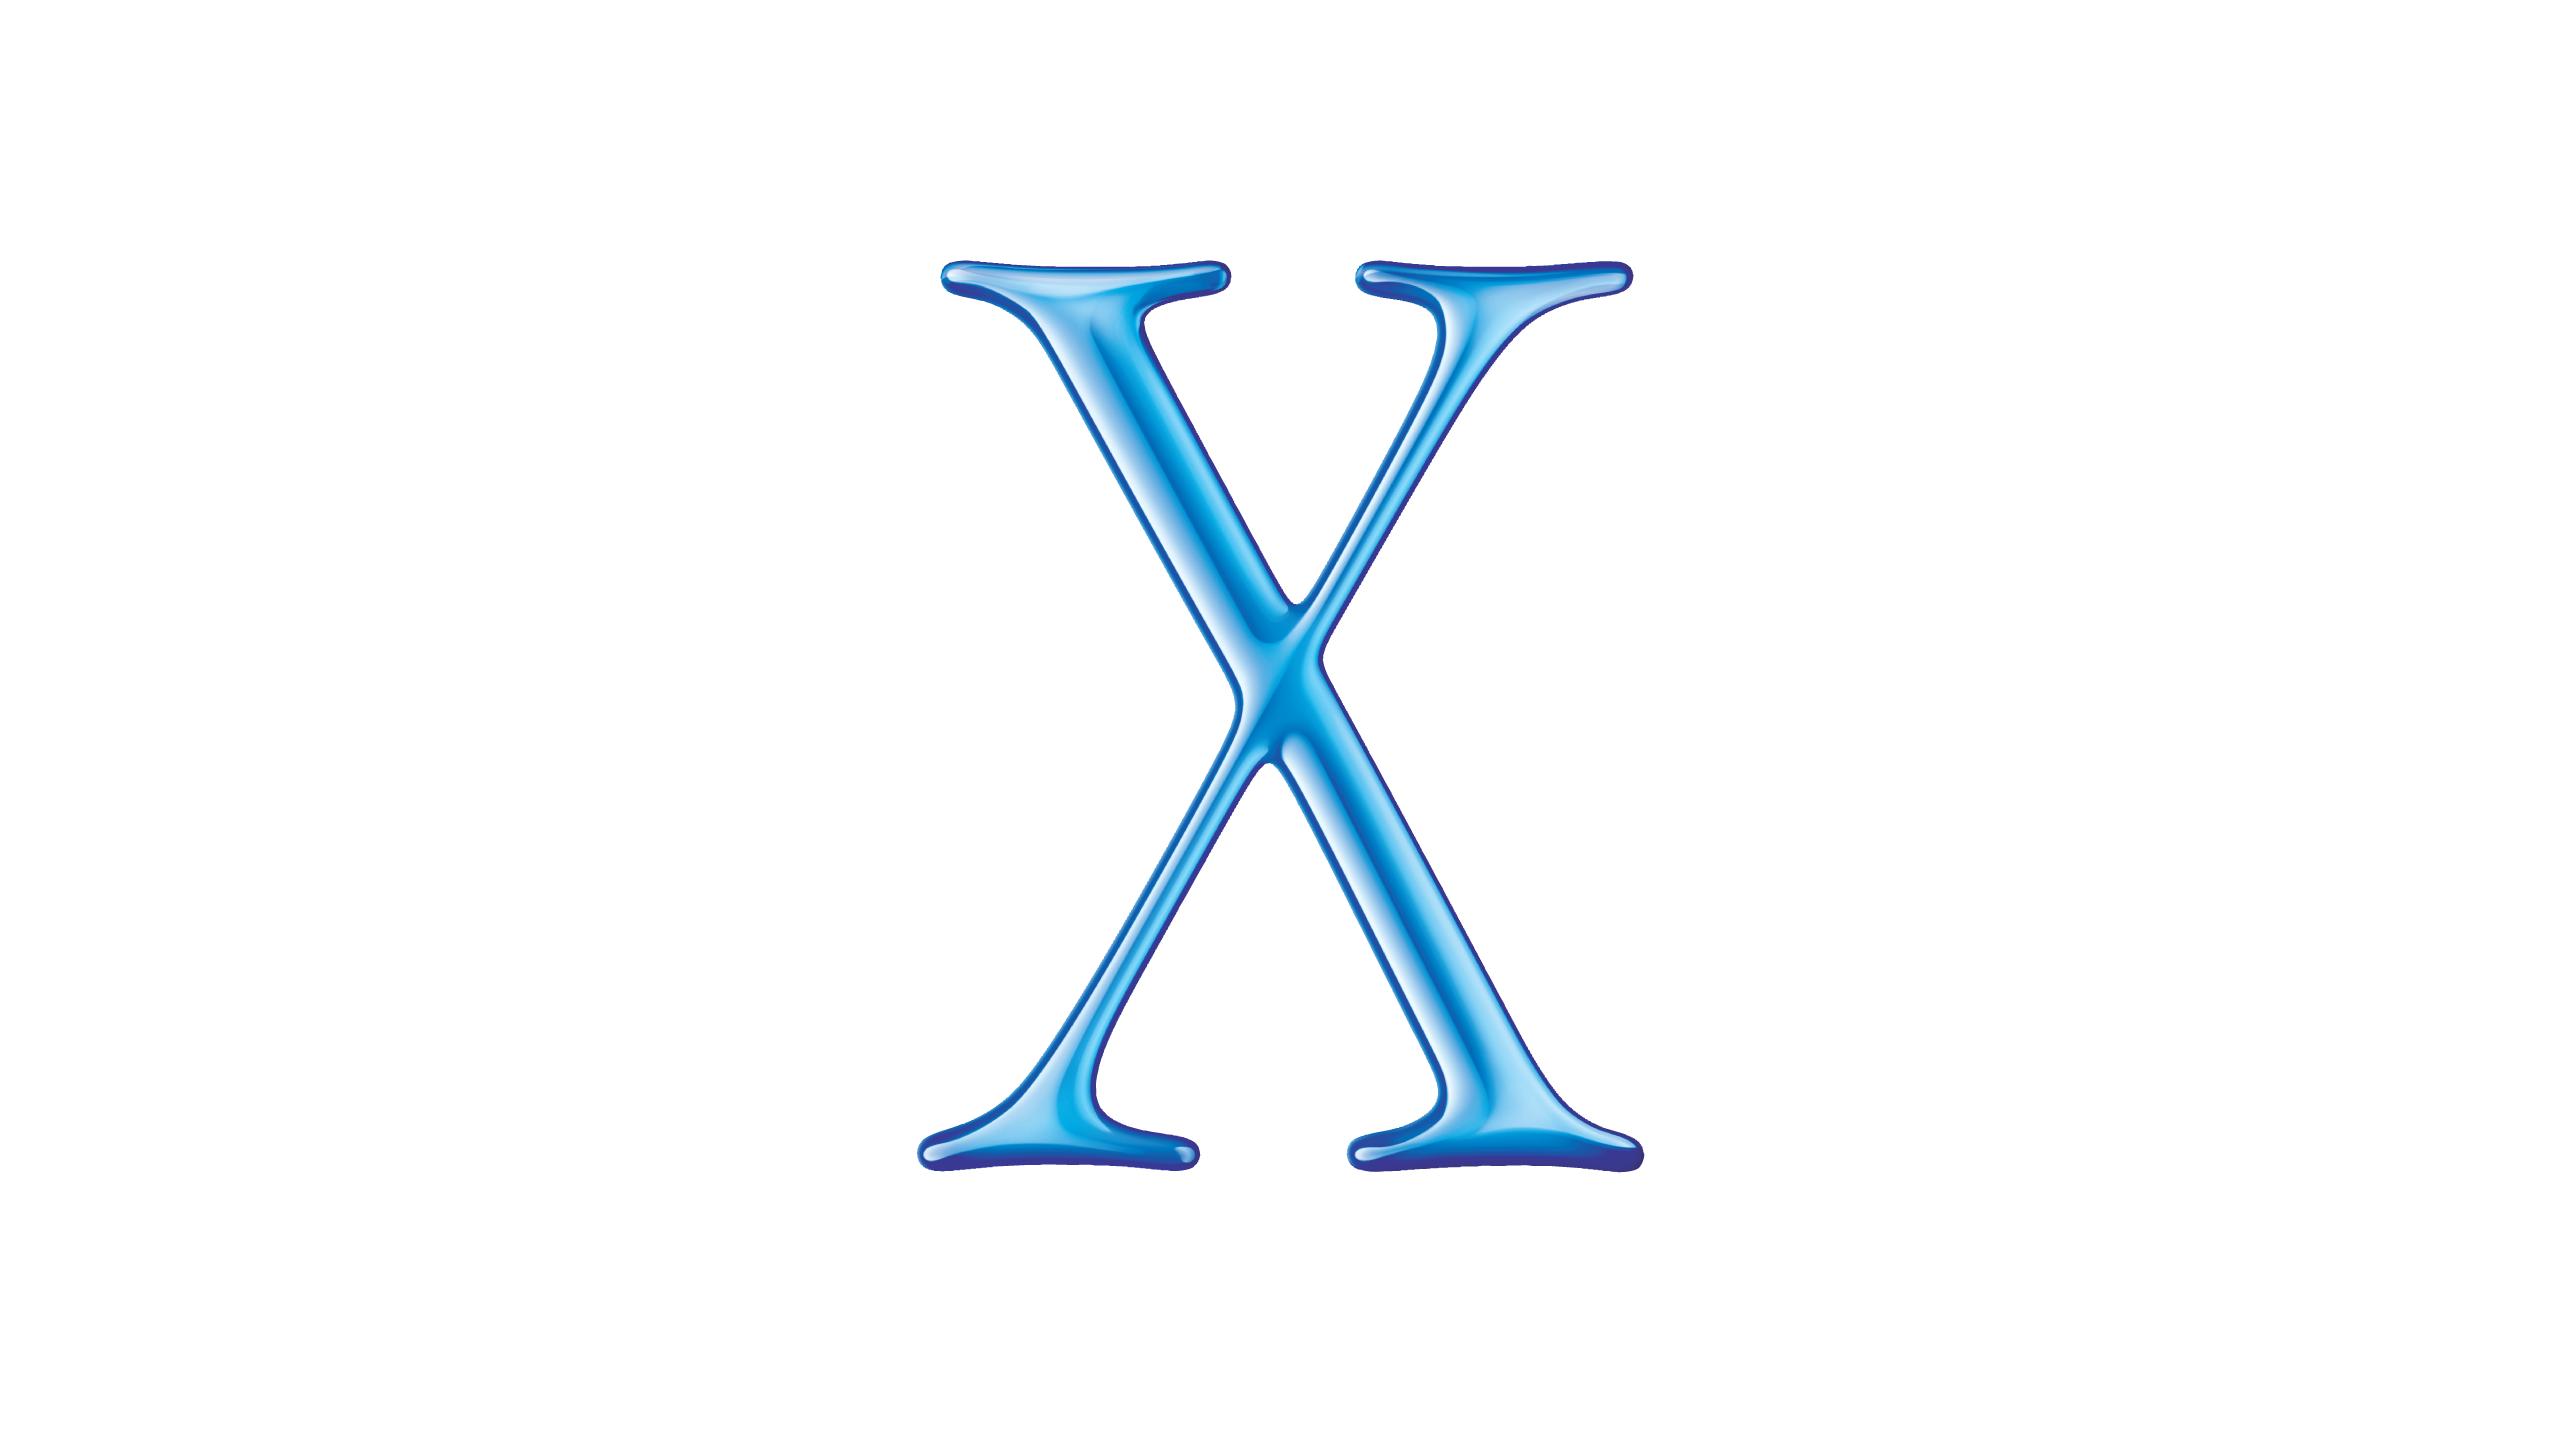 Mac OSX logo